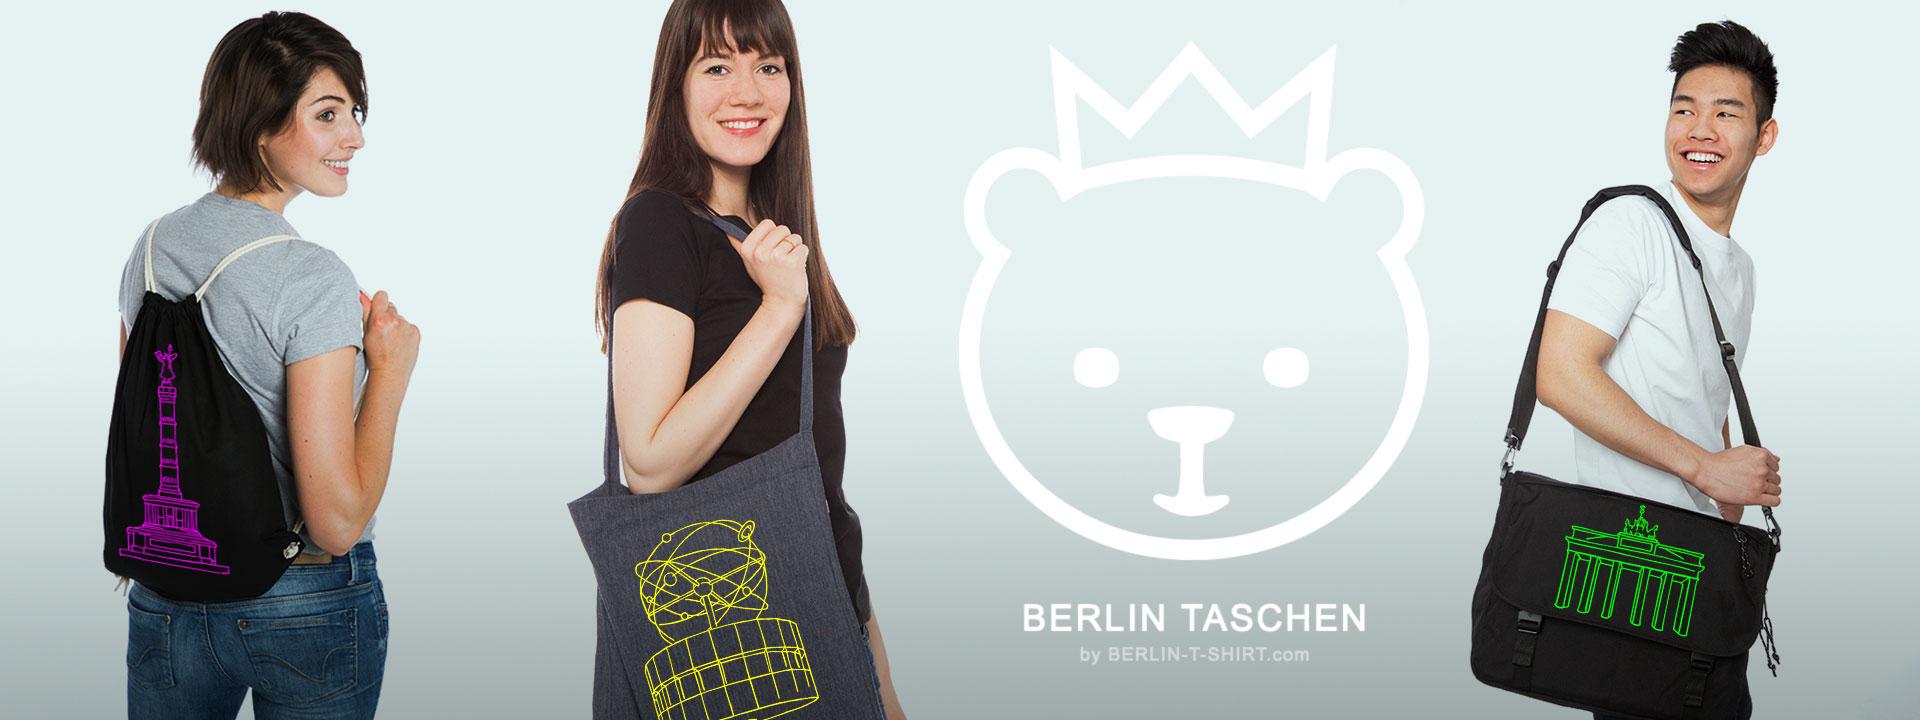 Berlin Taschen